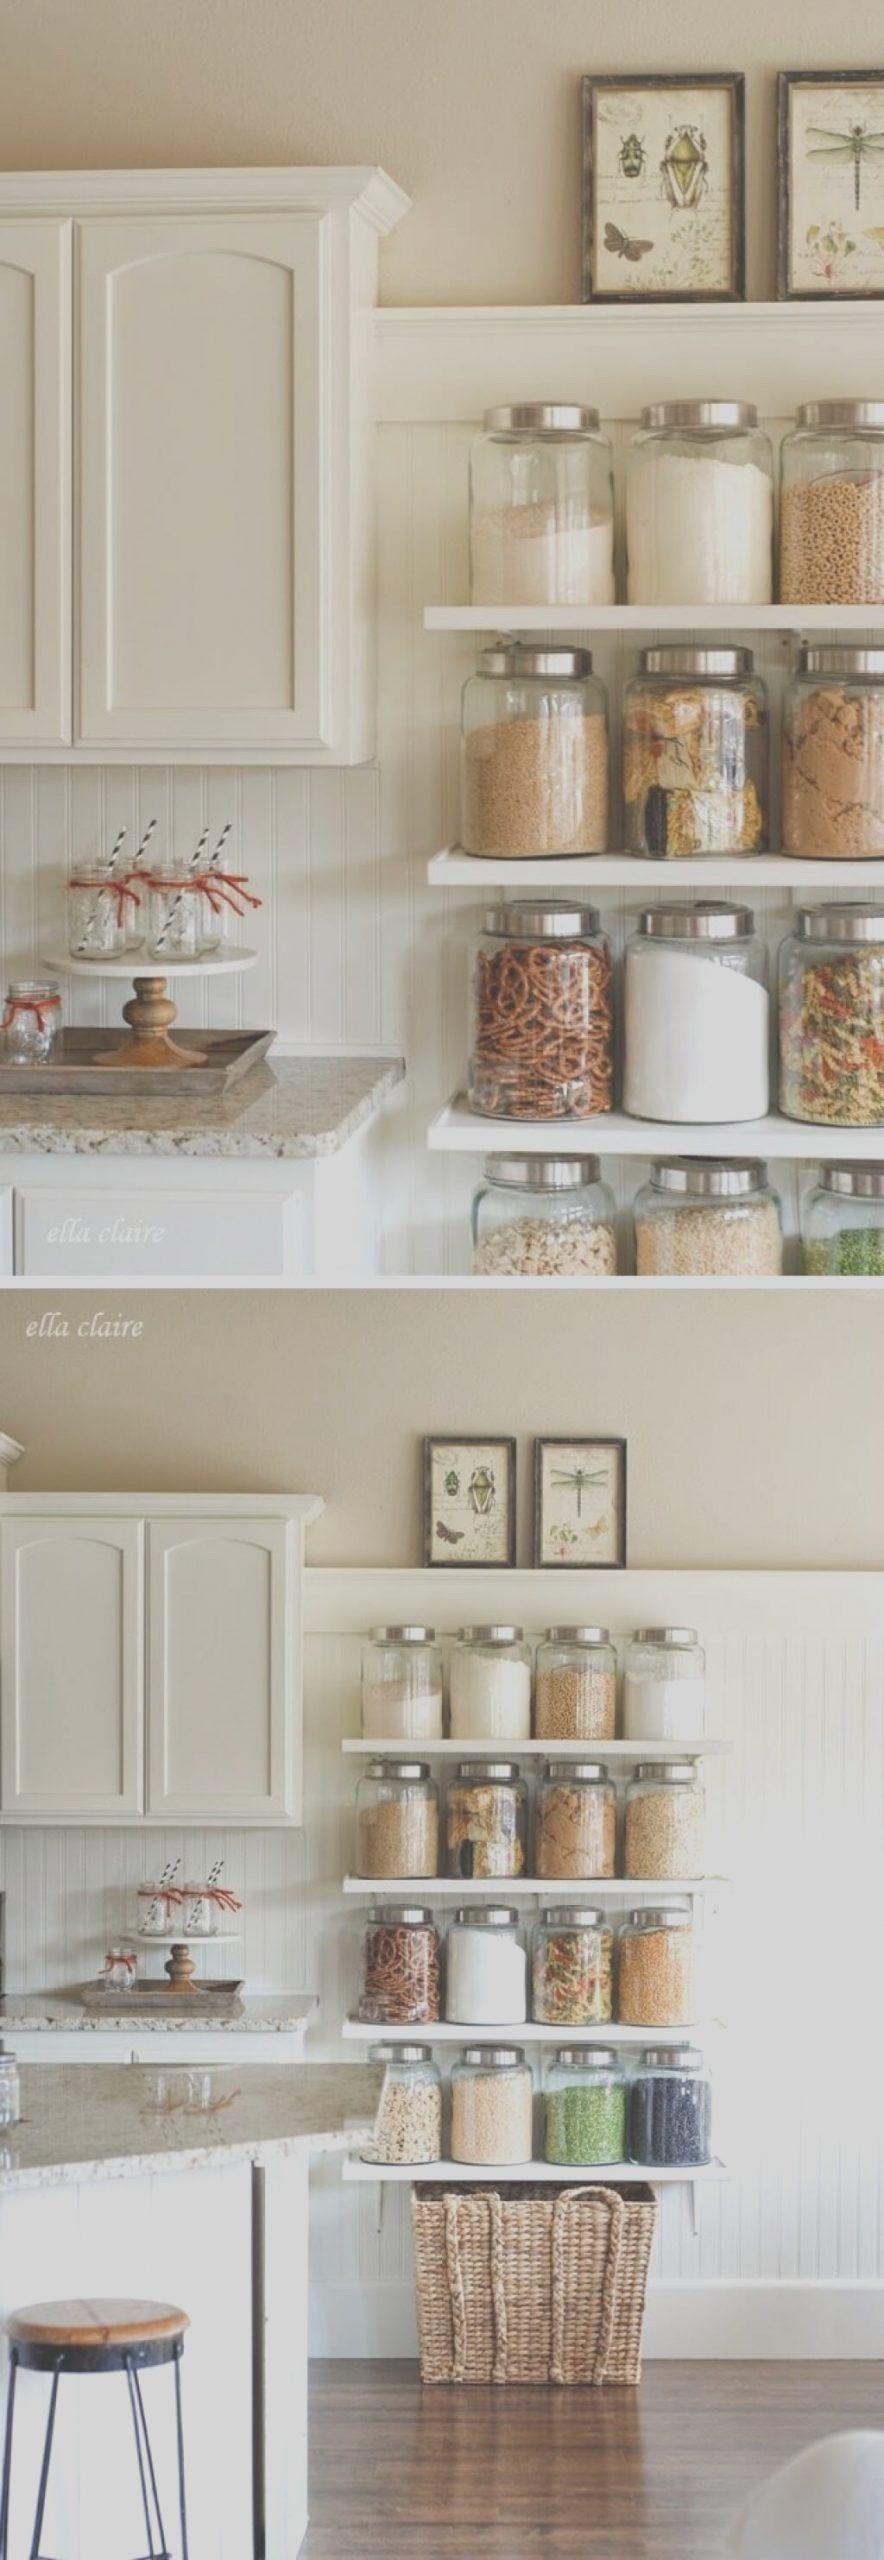 9 Unusual Kitchen Storage Ideas Photography In 2020 Small Kitchen Decor Kitchen Design Diy Diy Kitchen